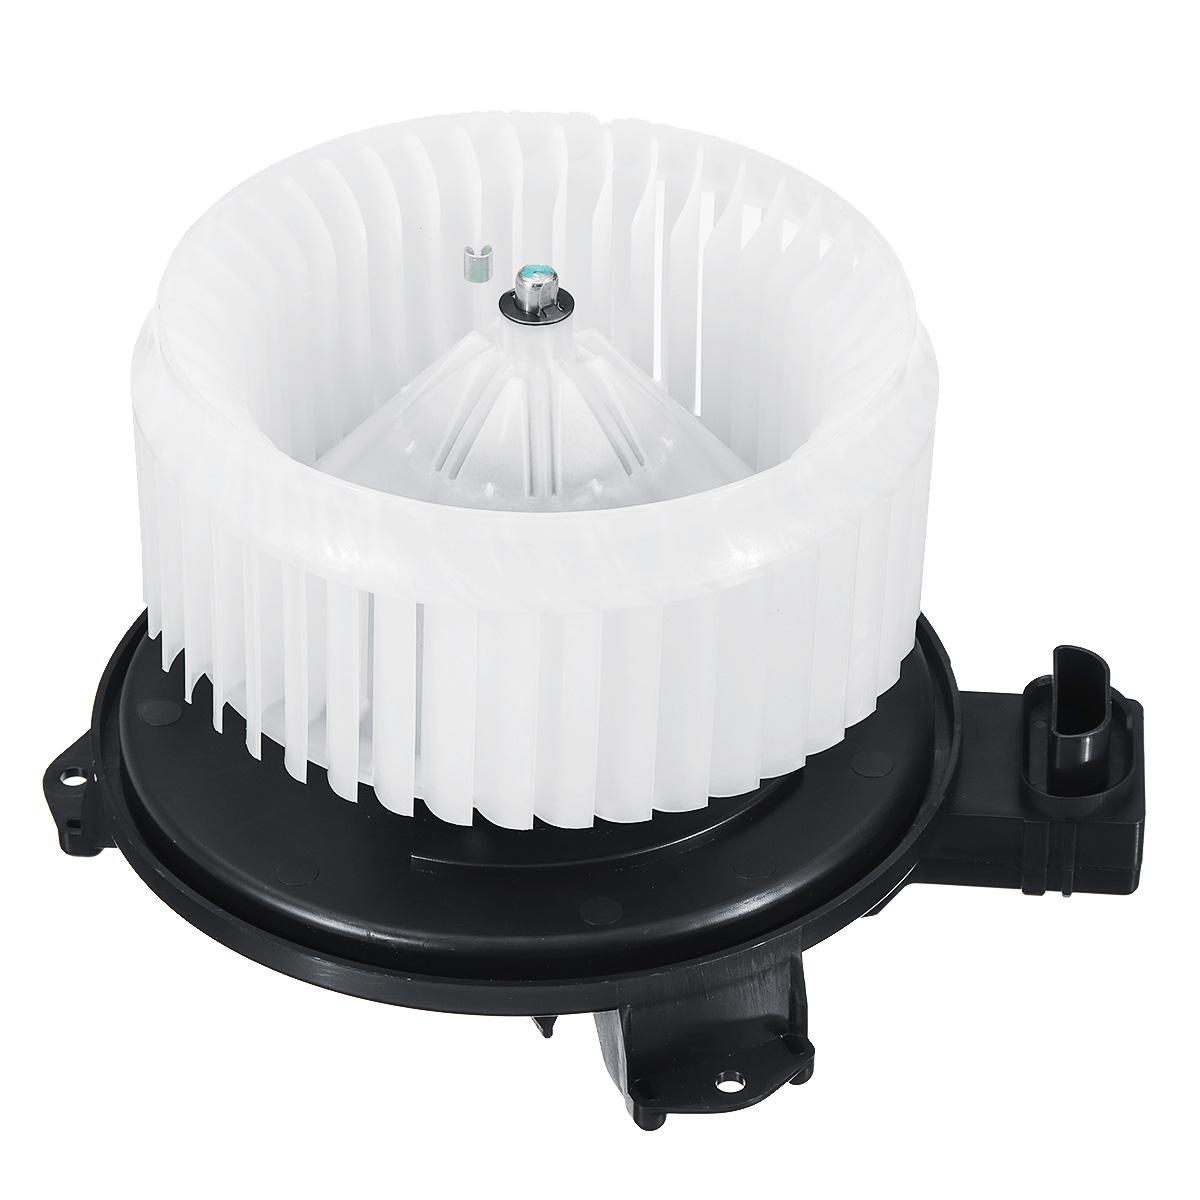 Вентилятор кондиционера Нагреватель Мотор для Toyota HiAce / Commuter 2005-2016 2727000101